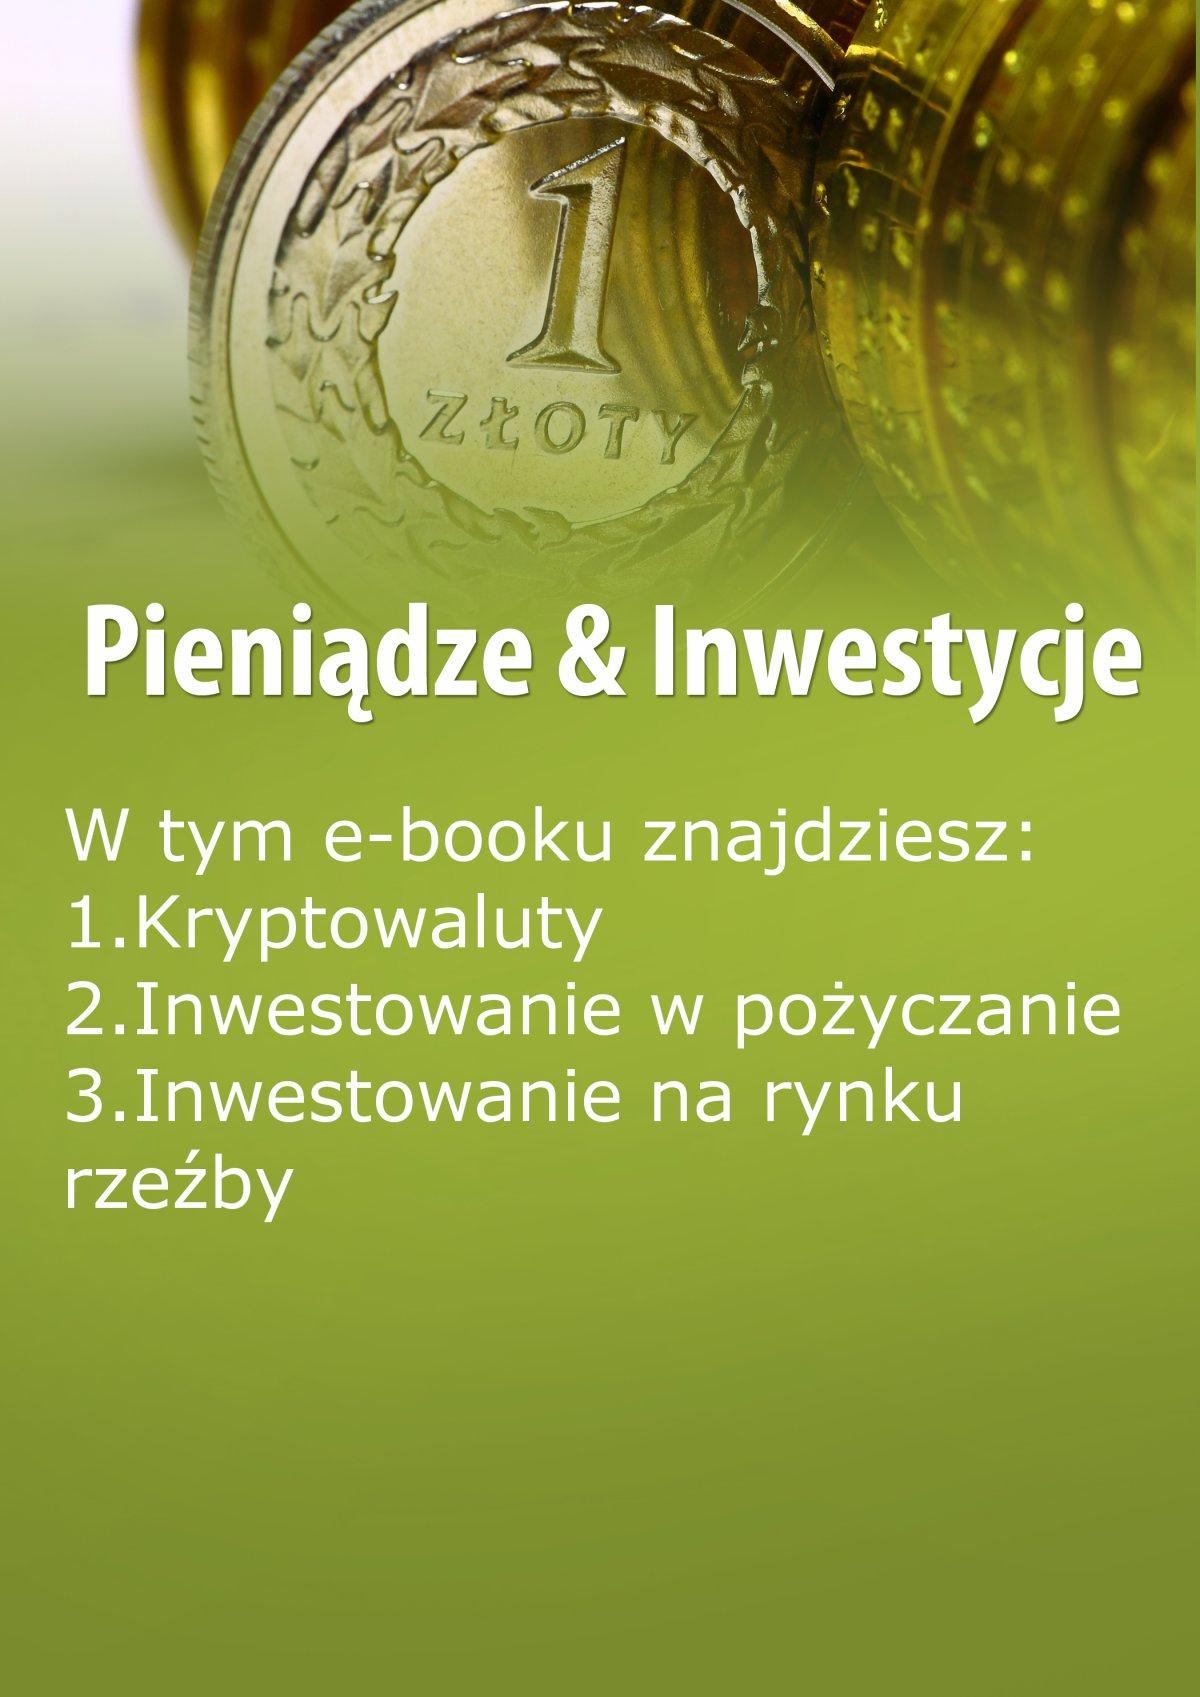 Pieniądze & Inwestycje, wydanie czerwiec 2015 r. - Ebook (Książka na Kindle) do pobrania w formacie MOBI